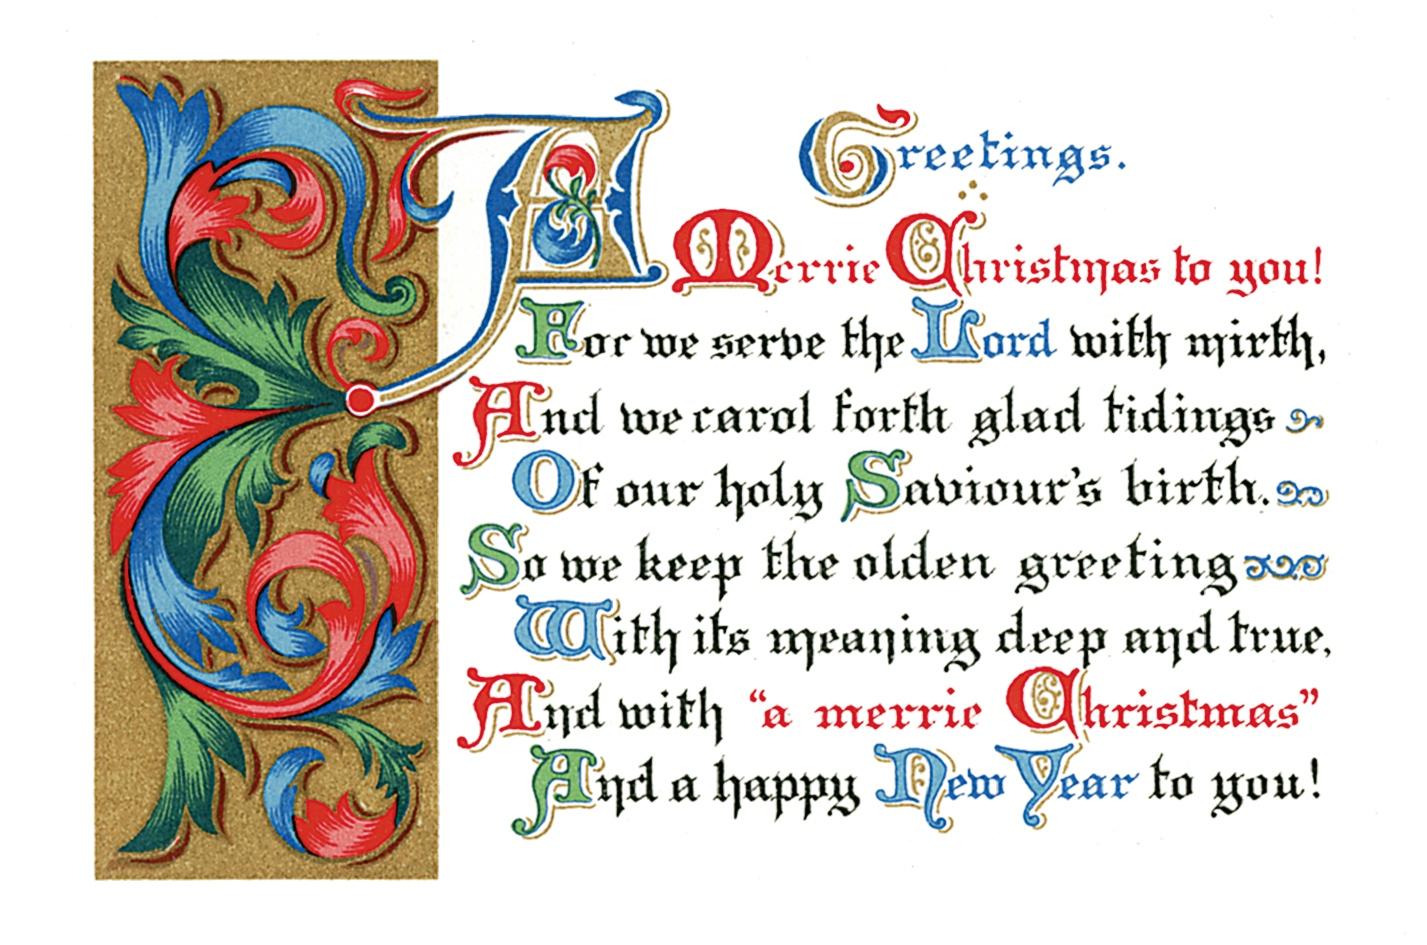 Пожелания на новый год и рождество на lt b gt английском lt b gt используем lt b gt lt b gt